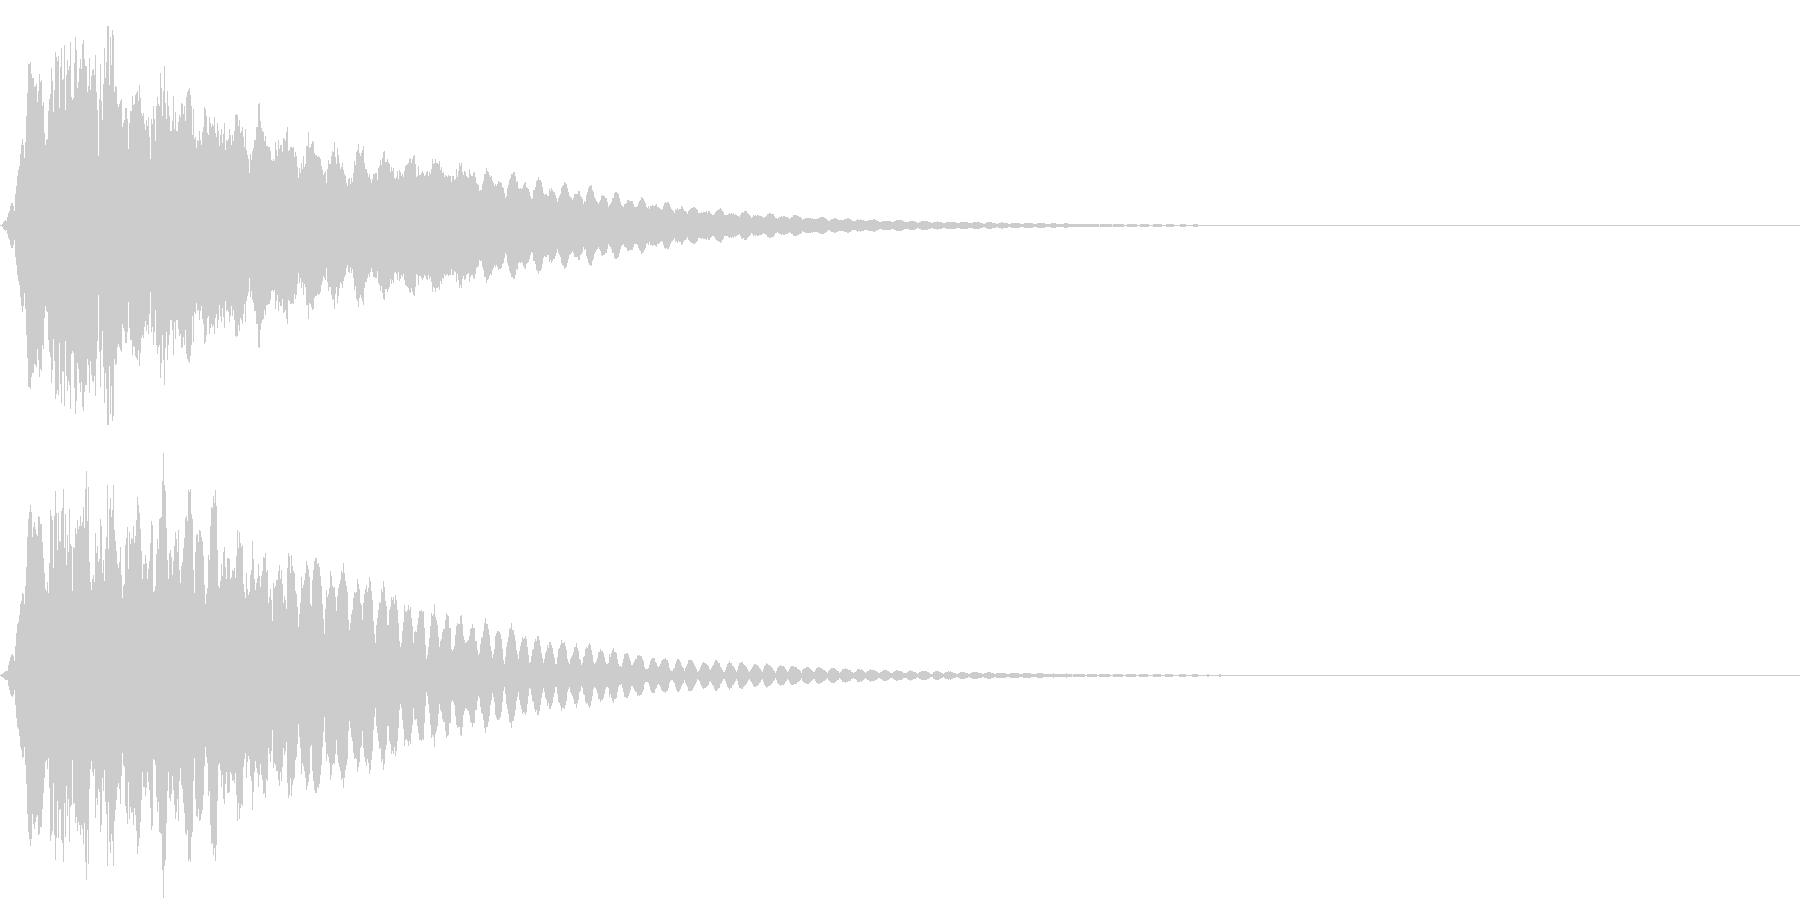 キュイン ボタン ピキーン キーン 17の未再生の波形